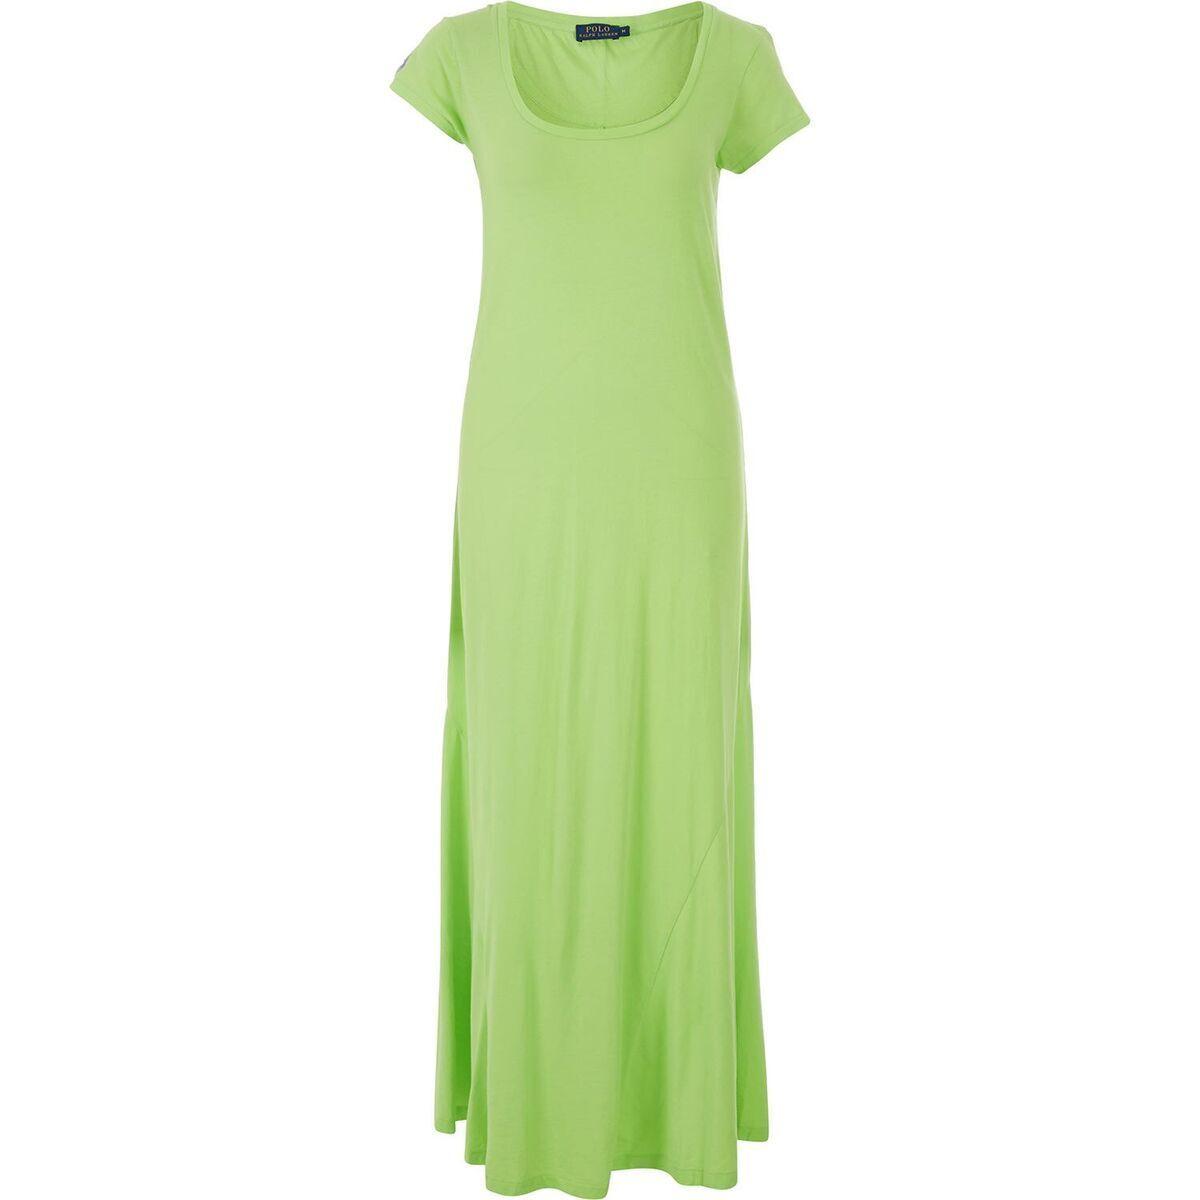 POLO RALPH LAUREN - Short Sleeve Cotton Summer Dress - Lime Green size S